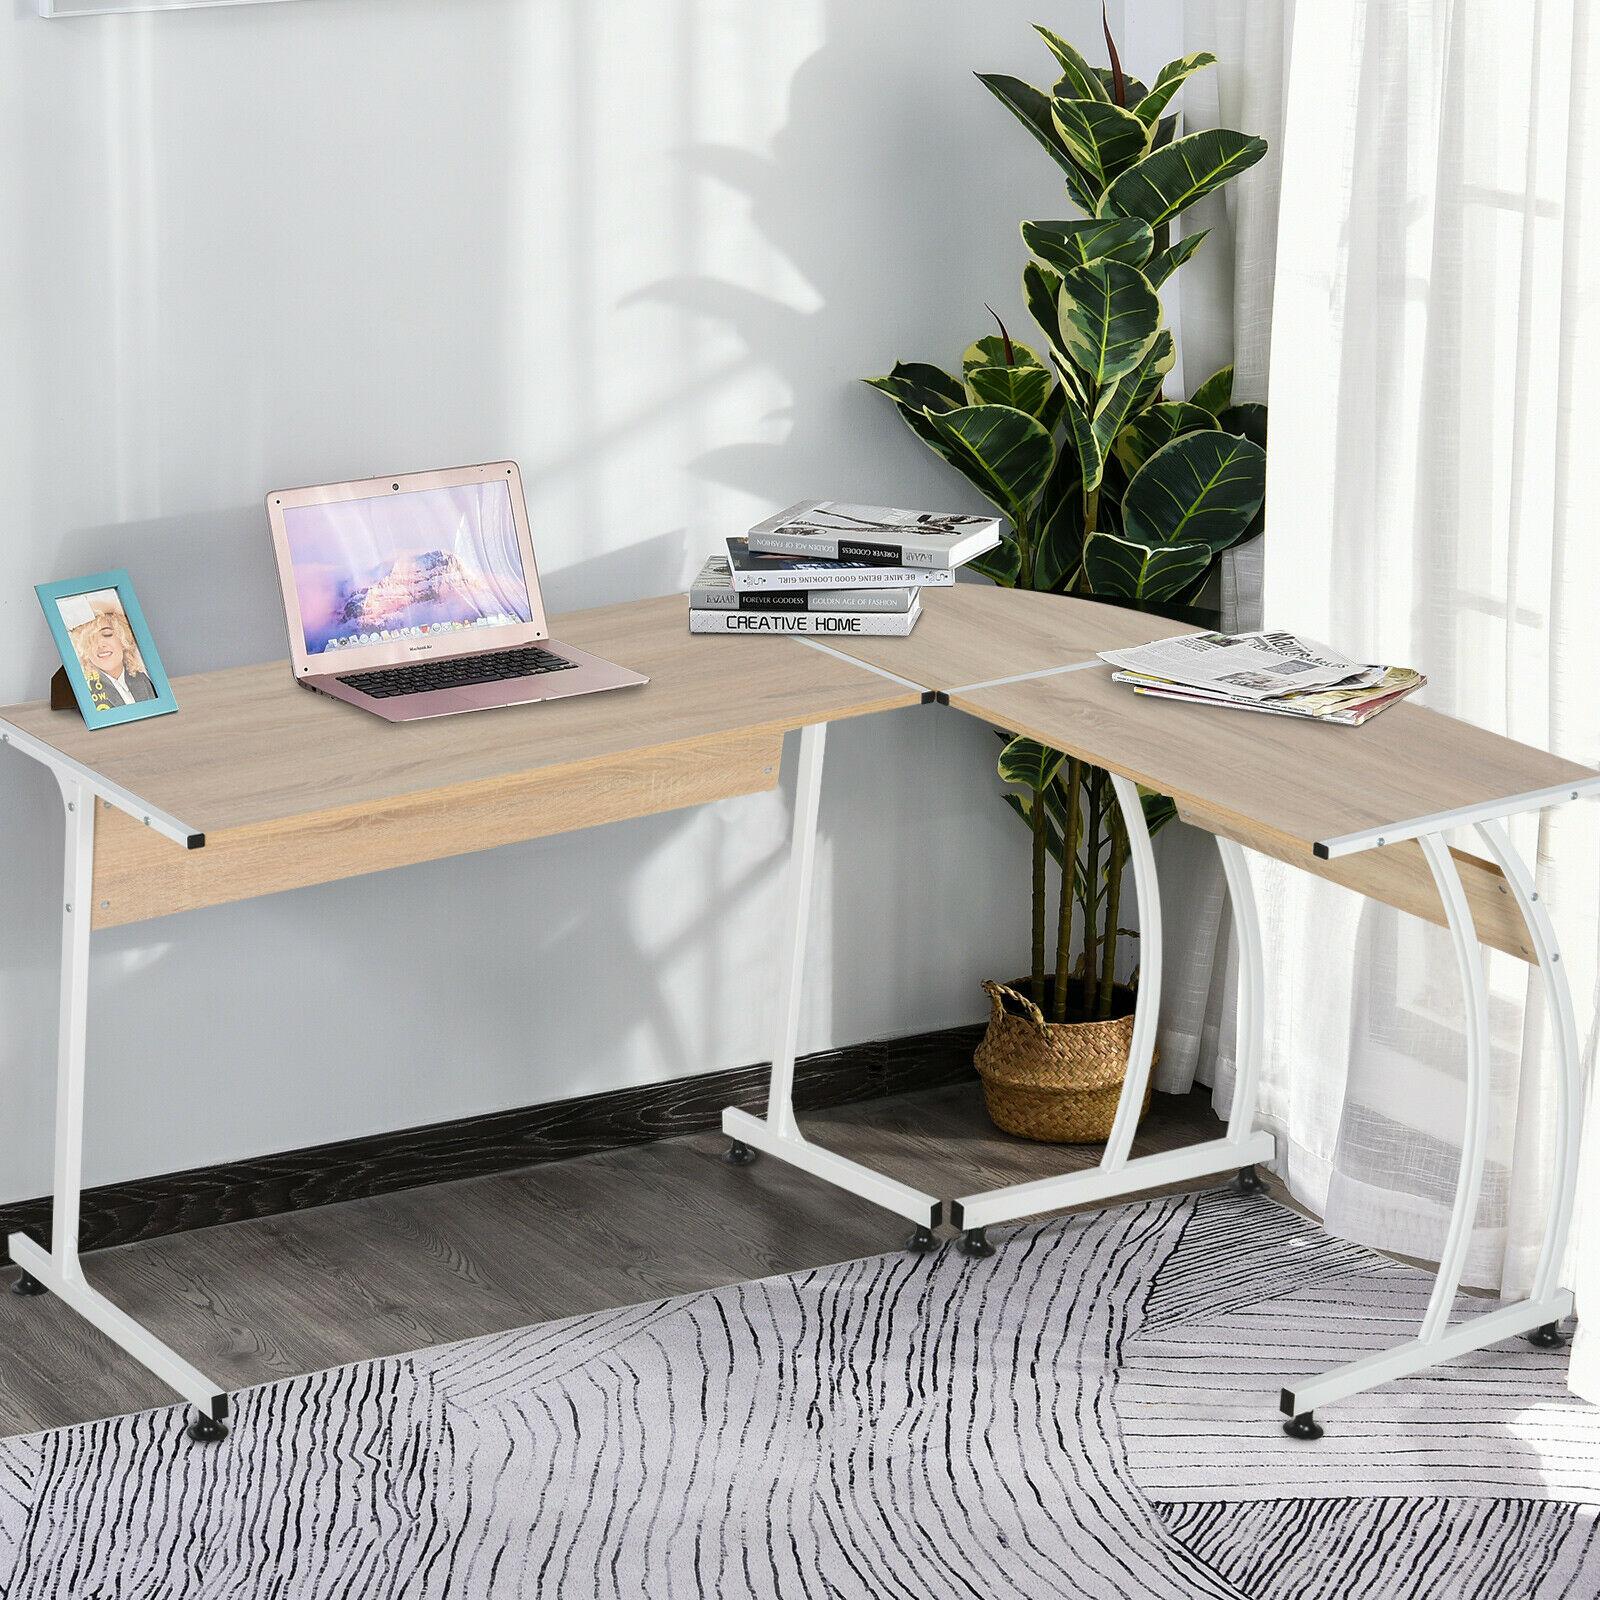 L Shaped Steel Framed Corner Desk - White / Natural - £53.99 at Checkout + Free Delivery @ eBay / 2011homcom